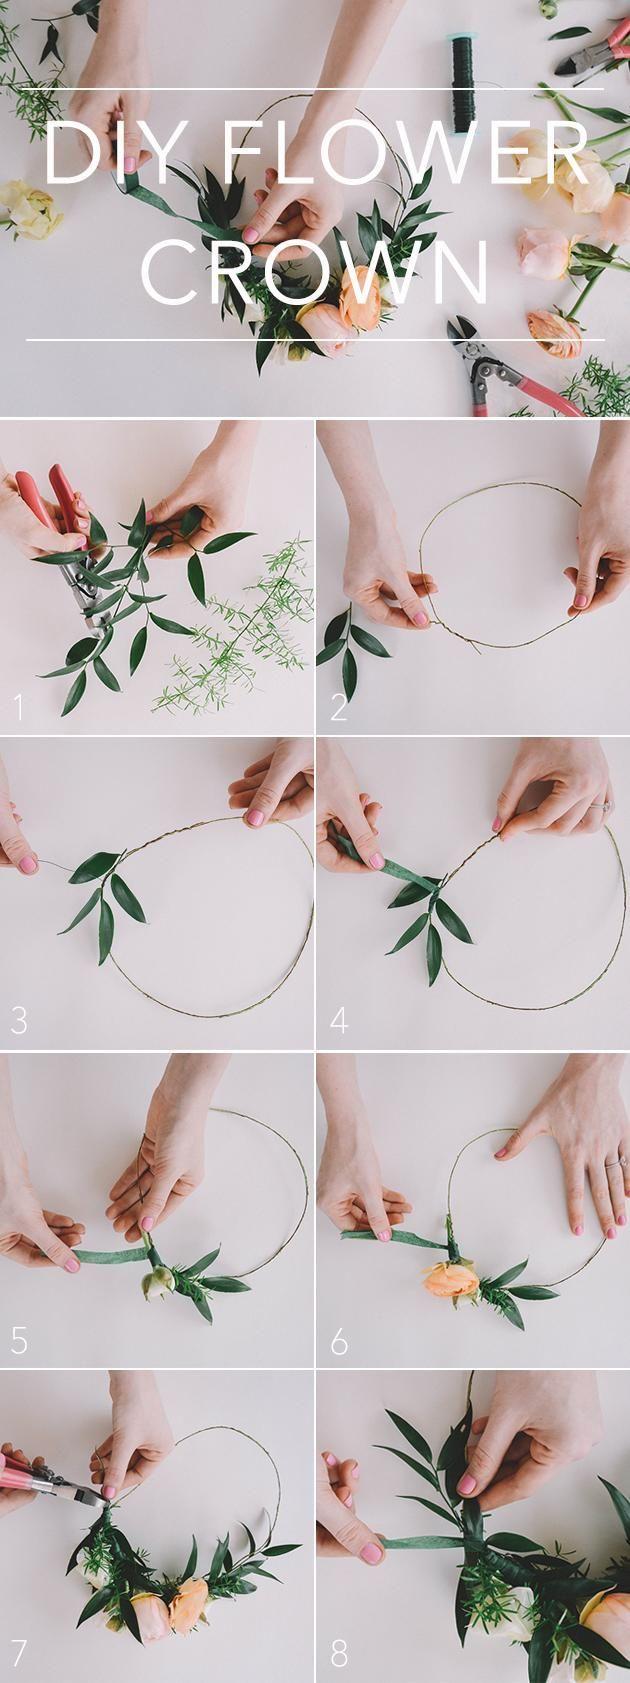 DIY Anleitung für den perfekten Blumenkranz. Zu finden auf Etsy.